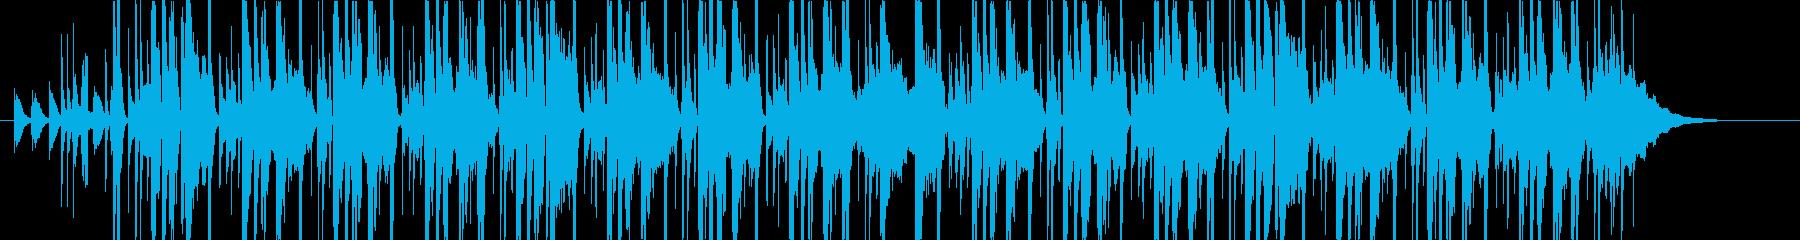 メロウなヒップホップBGMの再生済みの波形